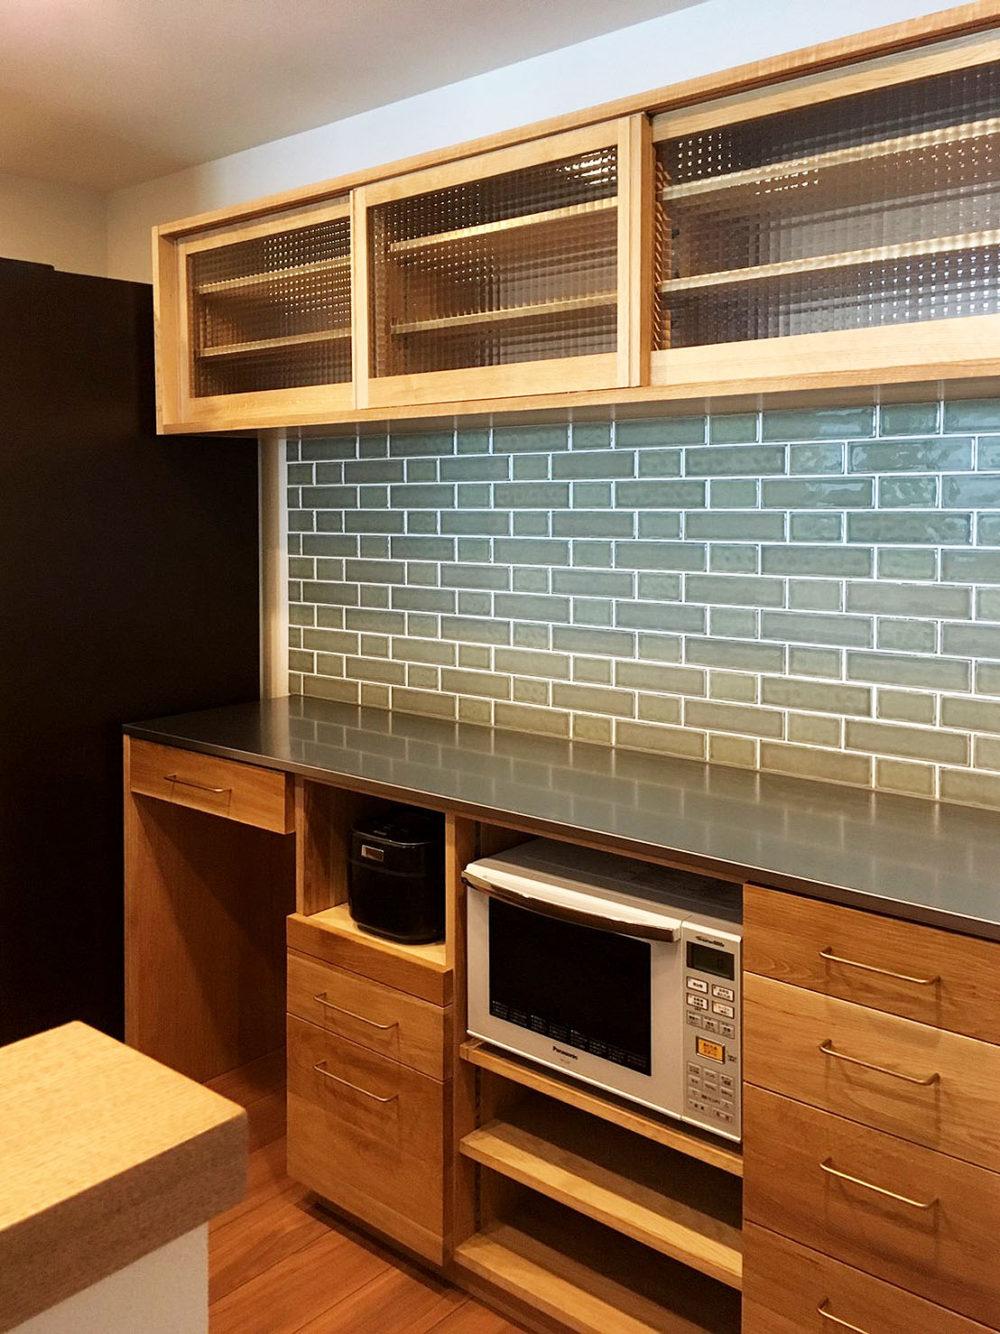 オーダー家具・カップボード食器棚/九州・福岡